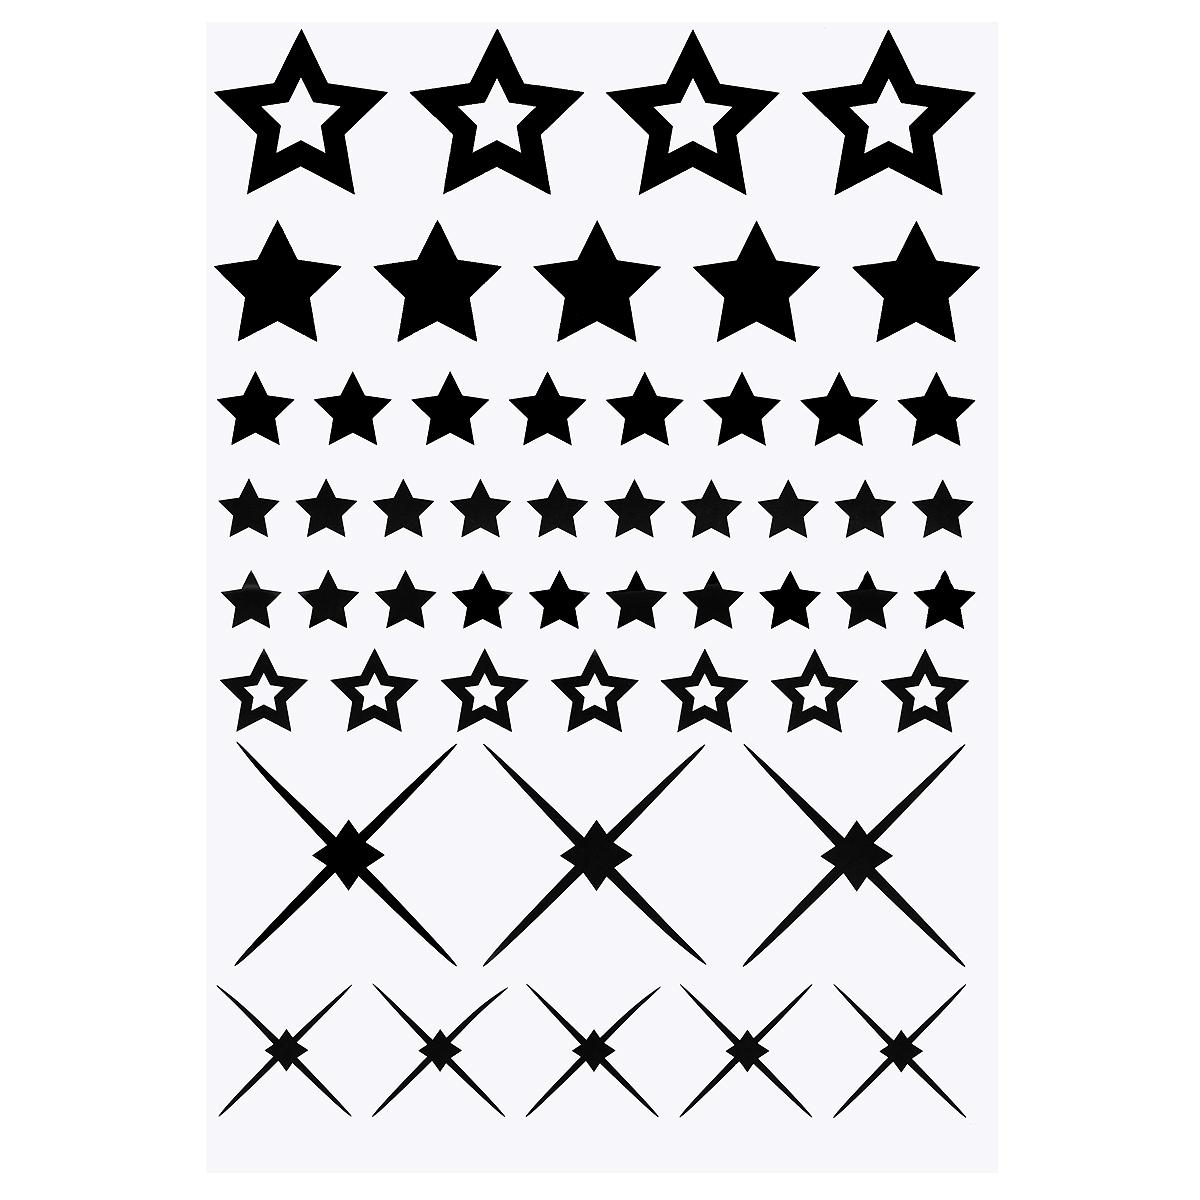 Стикер Paristic Звезды, 30 х 40 см74-0060Добавьте оригинальность вашему интерьеру с помощью необычного стикера Звезды. Изображение на стикере выполнено в виде нескольких звездочек различного размера. Изображения можно разделить и разместить в любых местах в выбранном вами помещении, создав тем самым необычную композицию.Необыкновенный всплеск эмоций в дизайнерском решении создаст утонченную и изысканную атмосферу не только спальни, гостиной или детской комнаты, но и даже офиса. Стикервыполнен из матового винила - тонкого эластичного материала, который хорошо прилегает к любым гладким и чистым поверхностям, легко моется и держится до семи лет, не оставляя следов.Сегодня виниловые наклейки пользуются большой популярностью среди декораторов по всему миру, а на российском рынке товаров для декорирования интерьеров - являются новинкой.Paristic - это стикеры высокого качества. Художественно выполненные стикеры, создающие эффект обмана зрения, дают необычную возможность использовать в своем интерьере элементы городского пейзажа. Продукция представлена широким ассортиментом - в зависимости от формы выбранного рисунка и от Ваших предпочтений стикеры могут иметь разный размер и разный цвет (12 вариантов помимо классического черного и белого). В коллекции Paristic-авторские работы от урбанистических зарисовок и узнаваемых парижских мотивов до природных и графических объектов. Идеи французских дизайнеров украсят любой интерьер: Paristic -это простой и оригинальный способ создать уникальную атмосферу как в современной гостиной и детской комнате, так и в офисе. В настоящее время производство стикеров Paristic ведется в России при строгом соблюдении качества продукции и по оригинальному французскому дизайну. Характеристики:Размер стикера:30см х40 см. Комплектация: виниловый стикер; инструкция. Производитель: Франция.